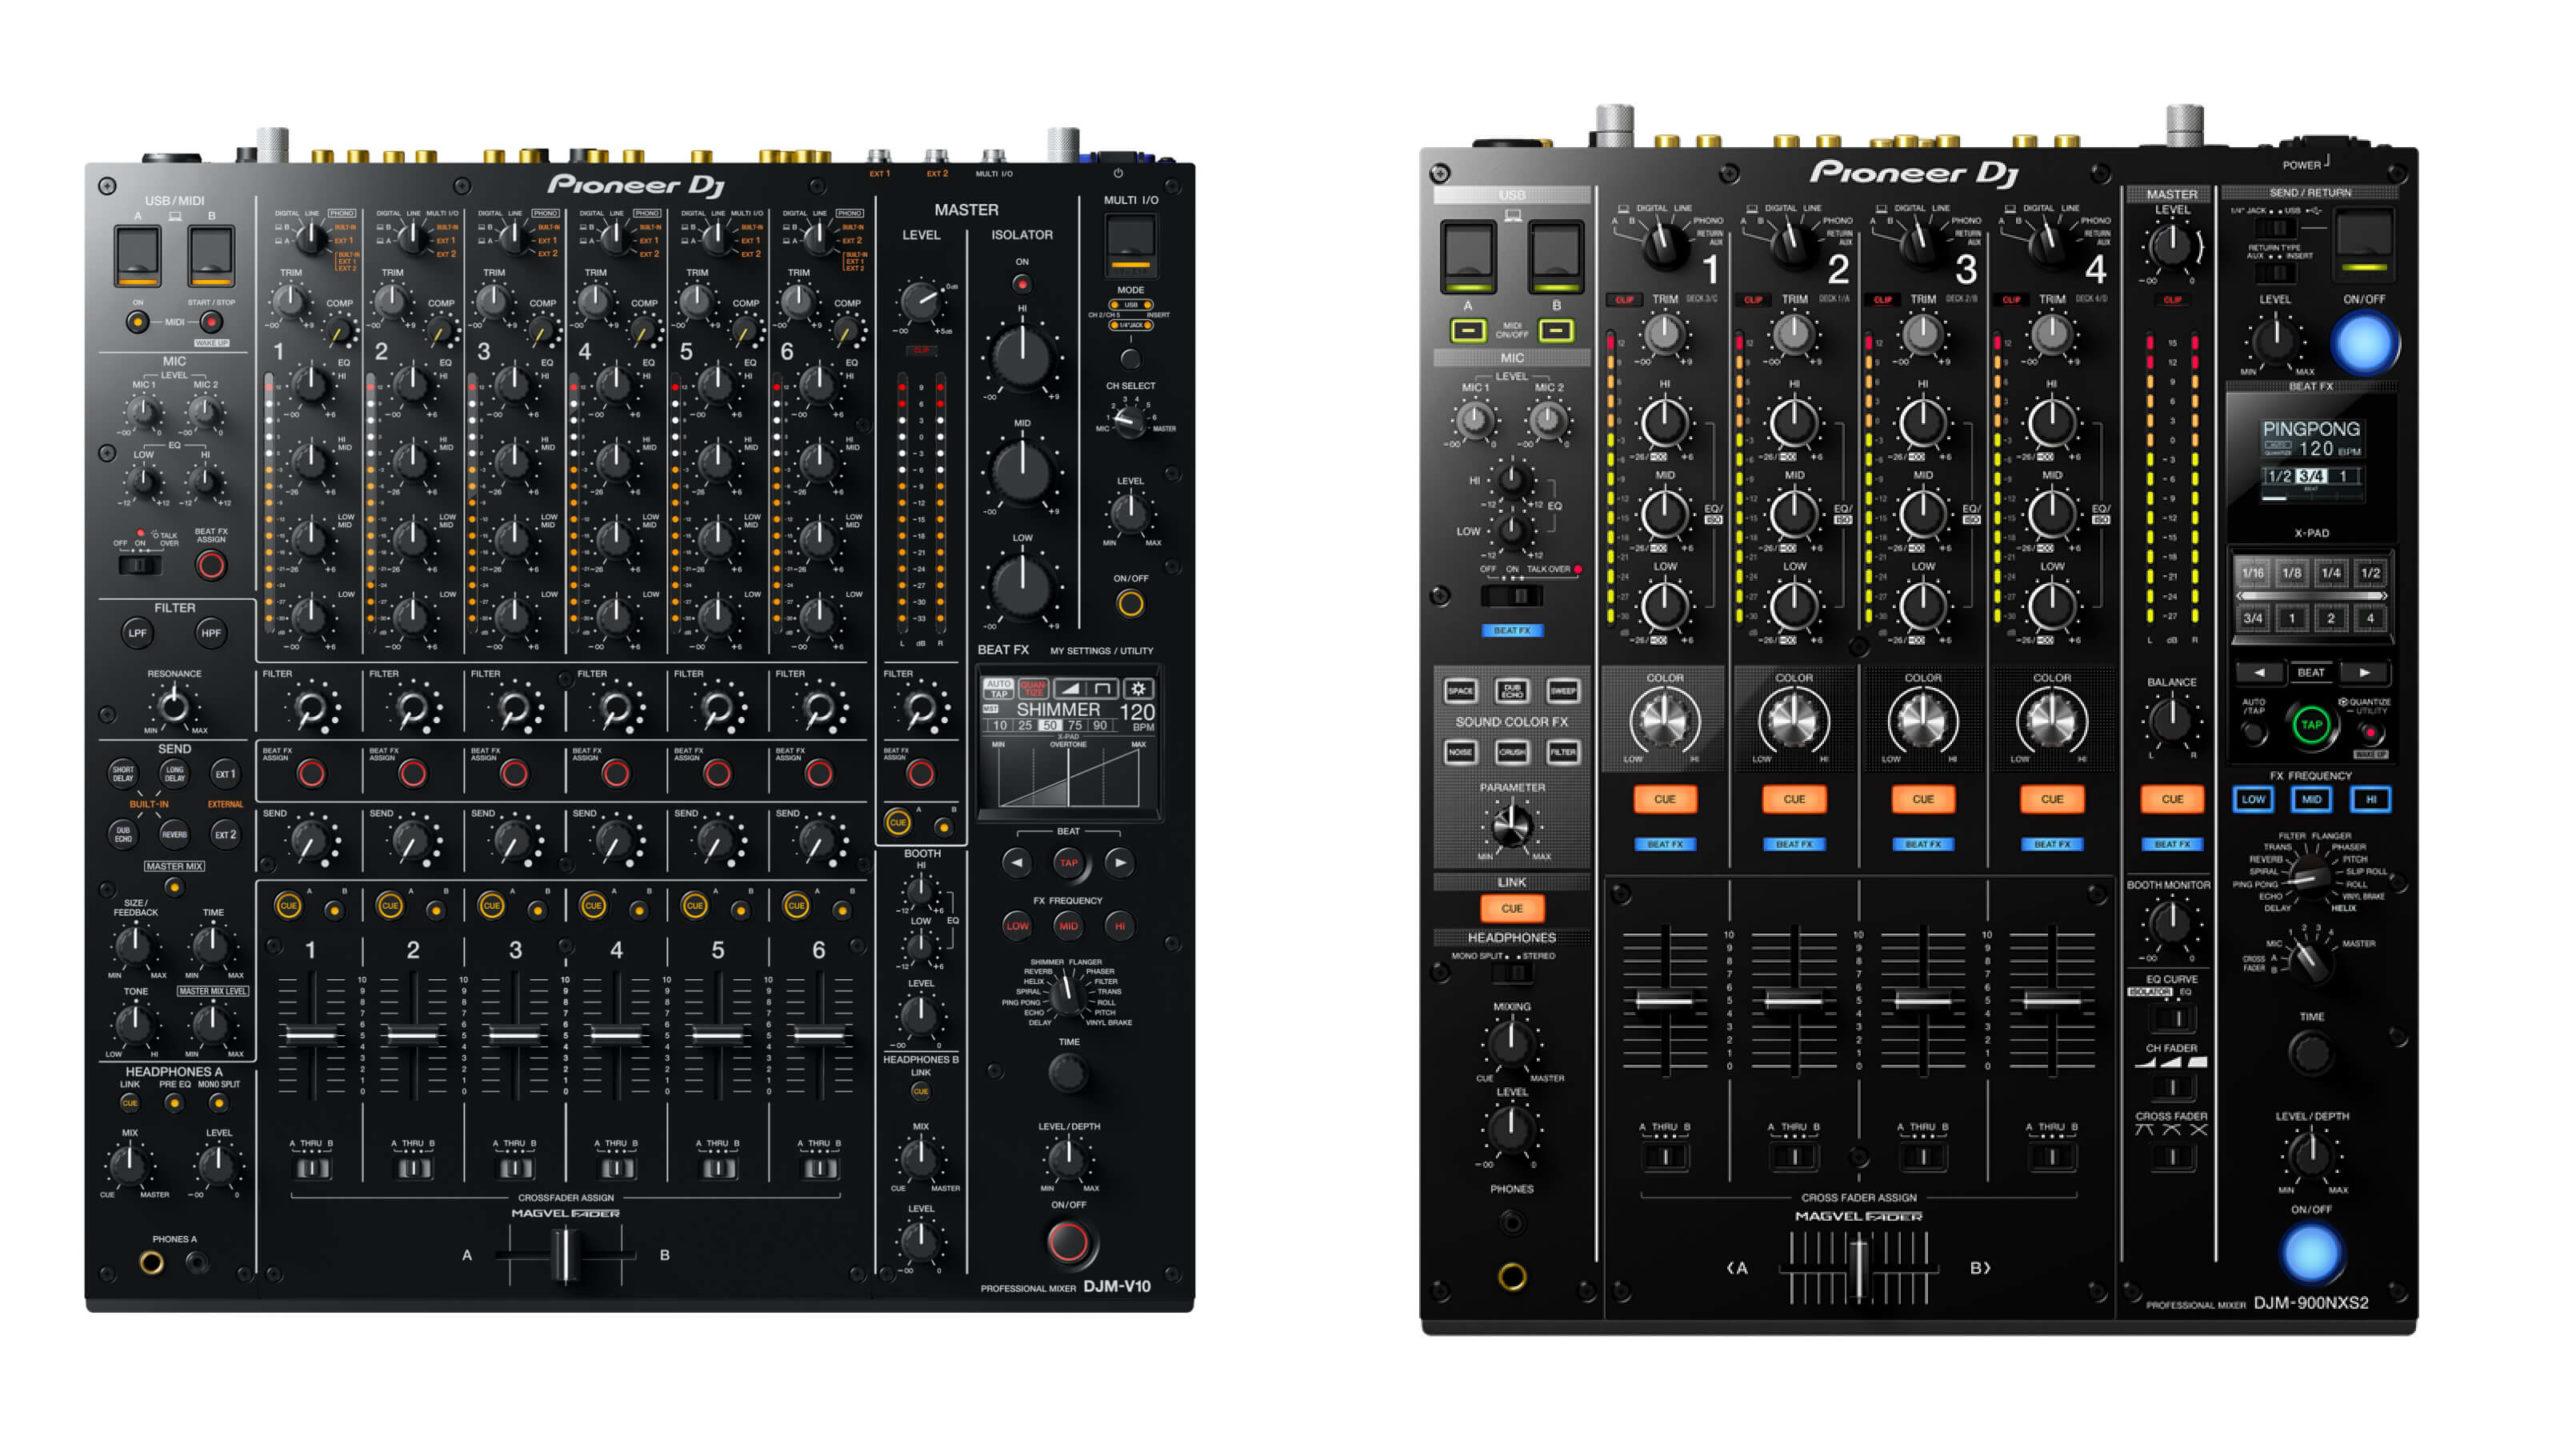 DJM-V10 & DJM-900NXS2